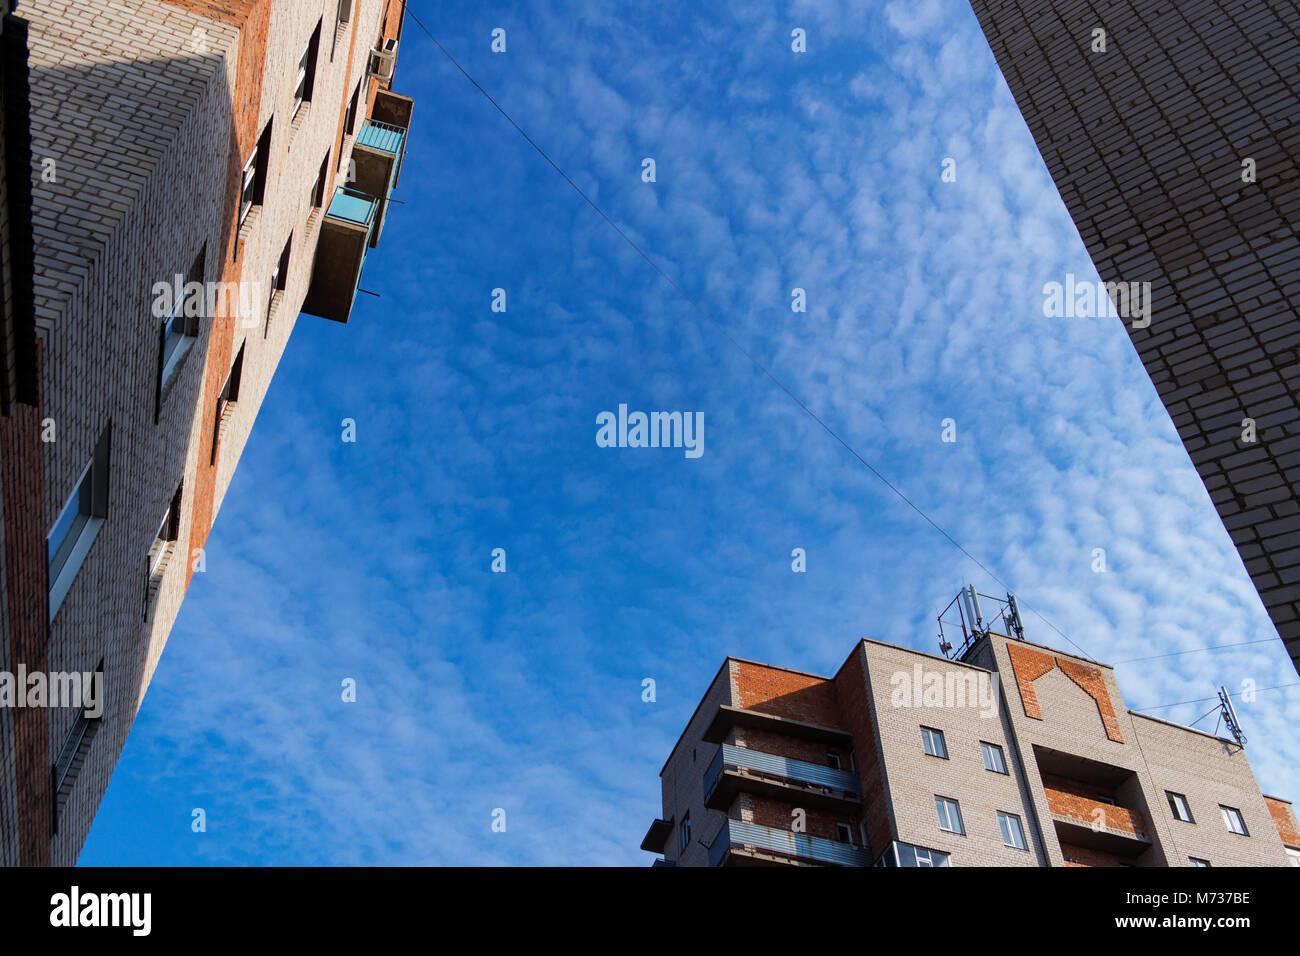 Apartment Gebäuden. Zeitgenössische Architektur. Mehrstöckiges Gebäude. Appartementhaus. Wohnsiedlung. Stockbild